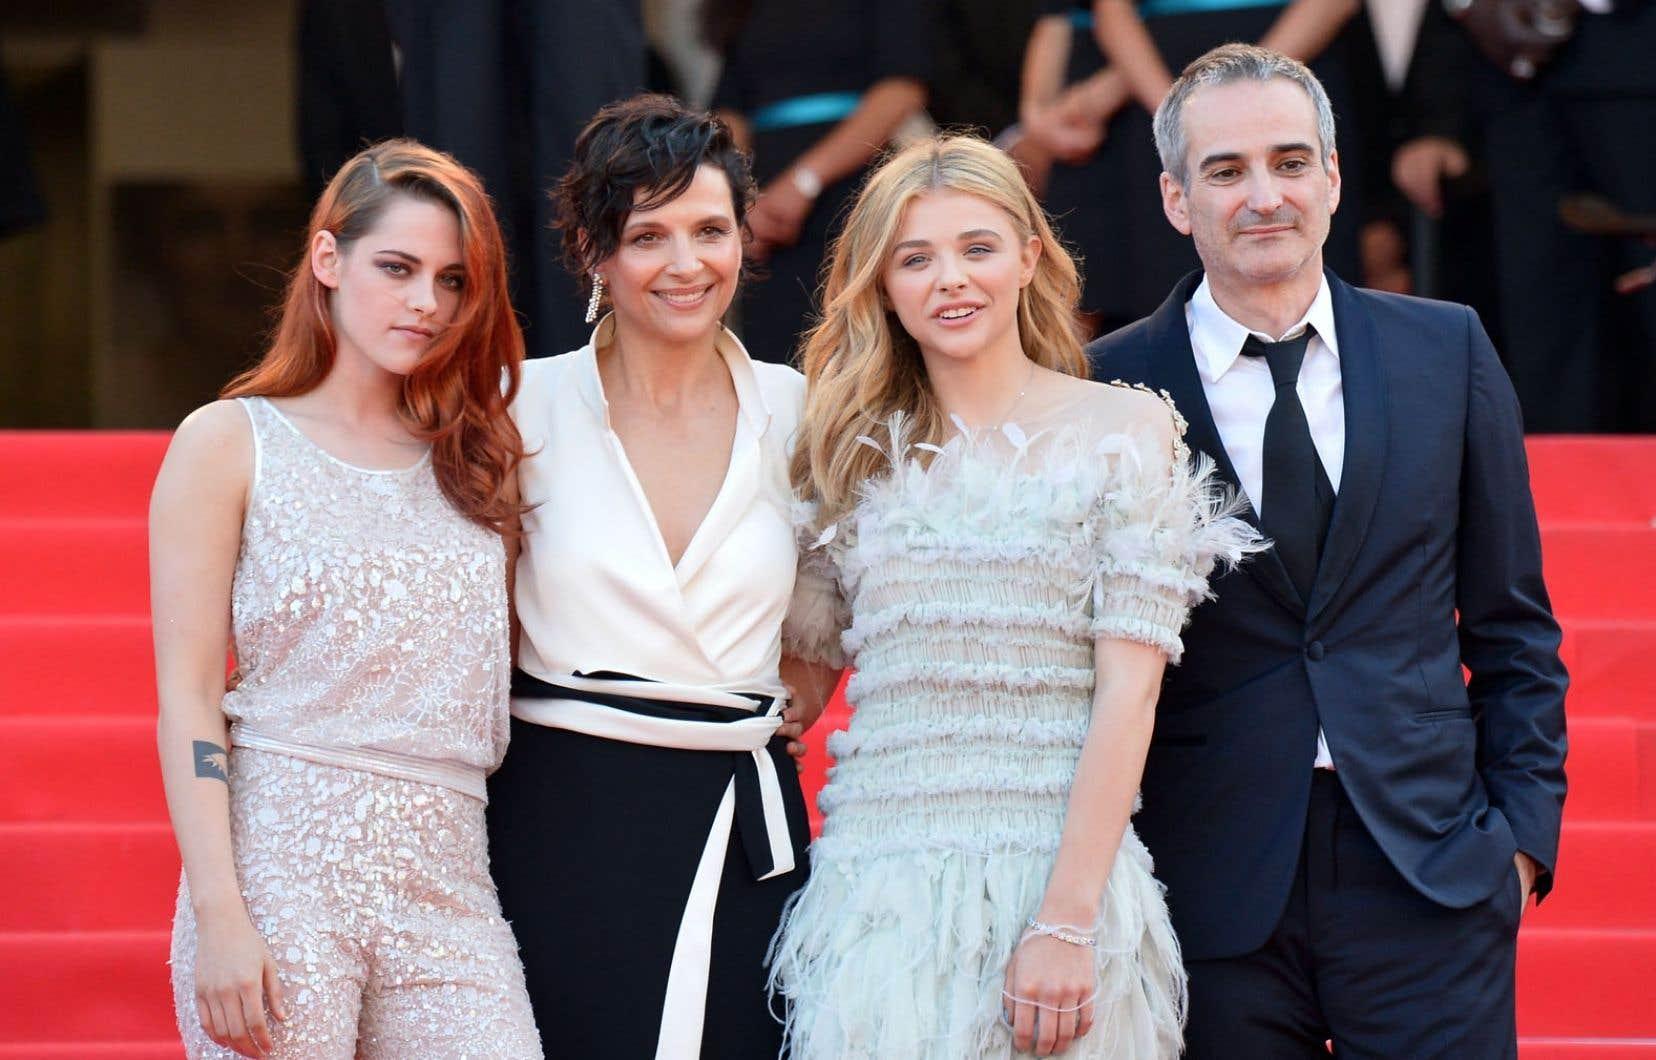 Sils Maria, du cinéaste français Olivier Assayas, met en vedette Kristen Stewart, Juliette Binoche et Chloë Grace Moretz, qui ont foulé le tapis rouge vendredi à Cannes.